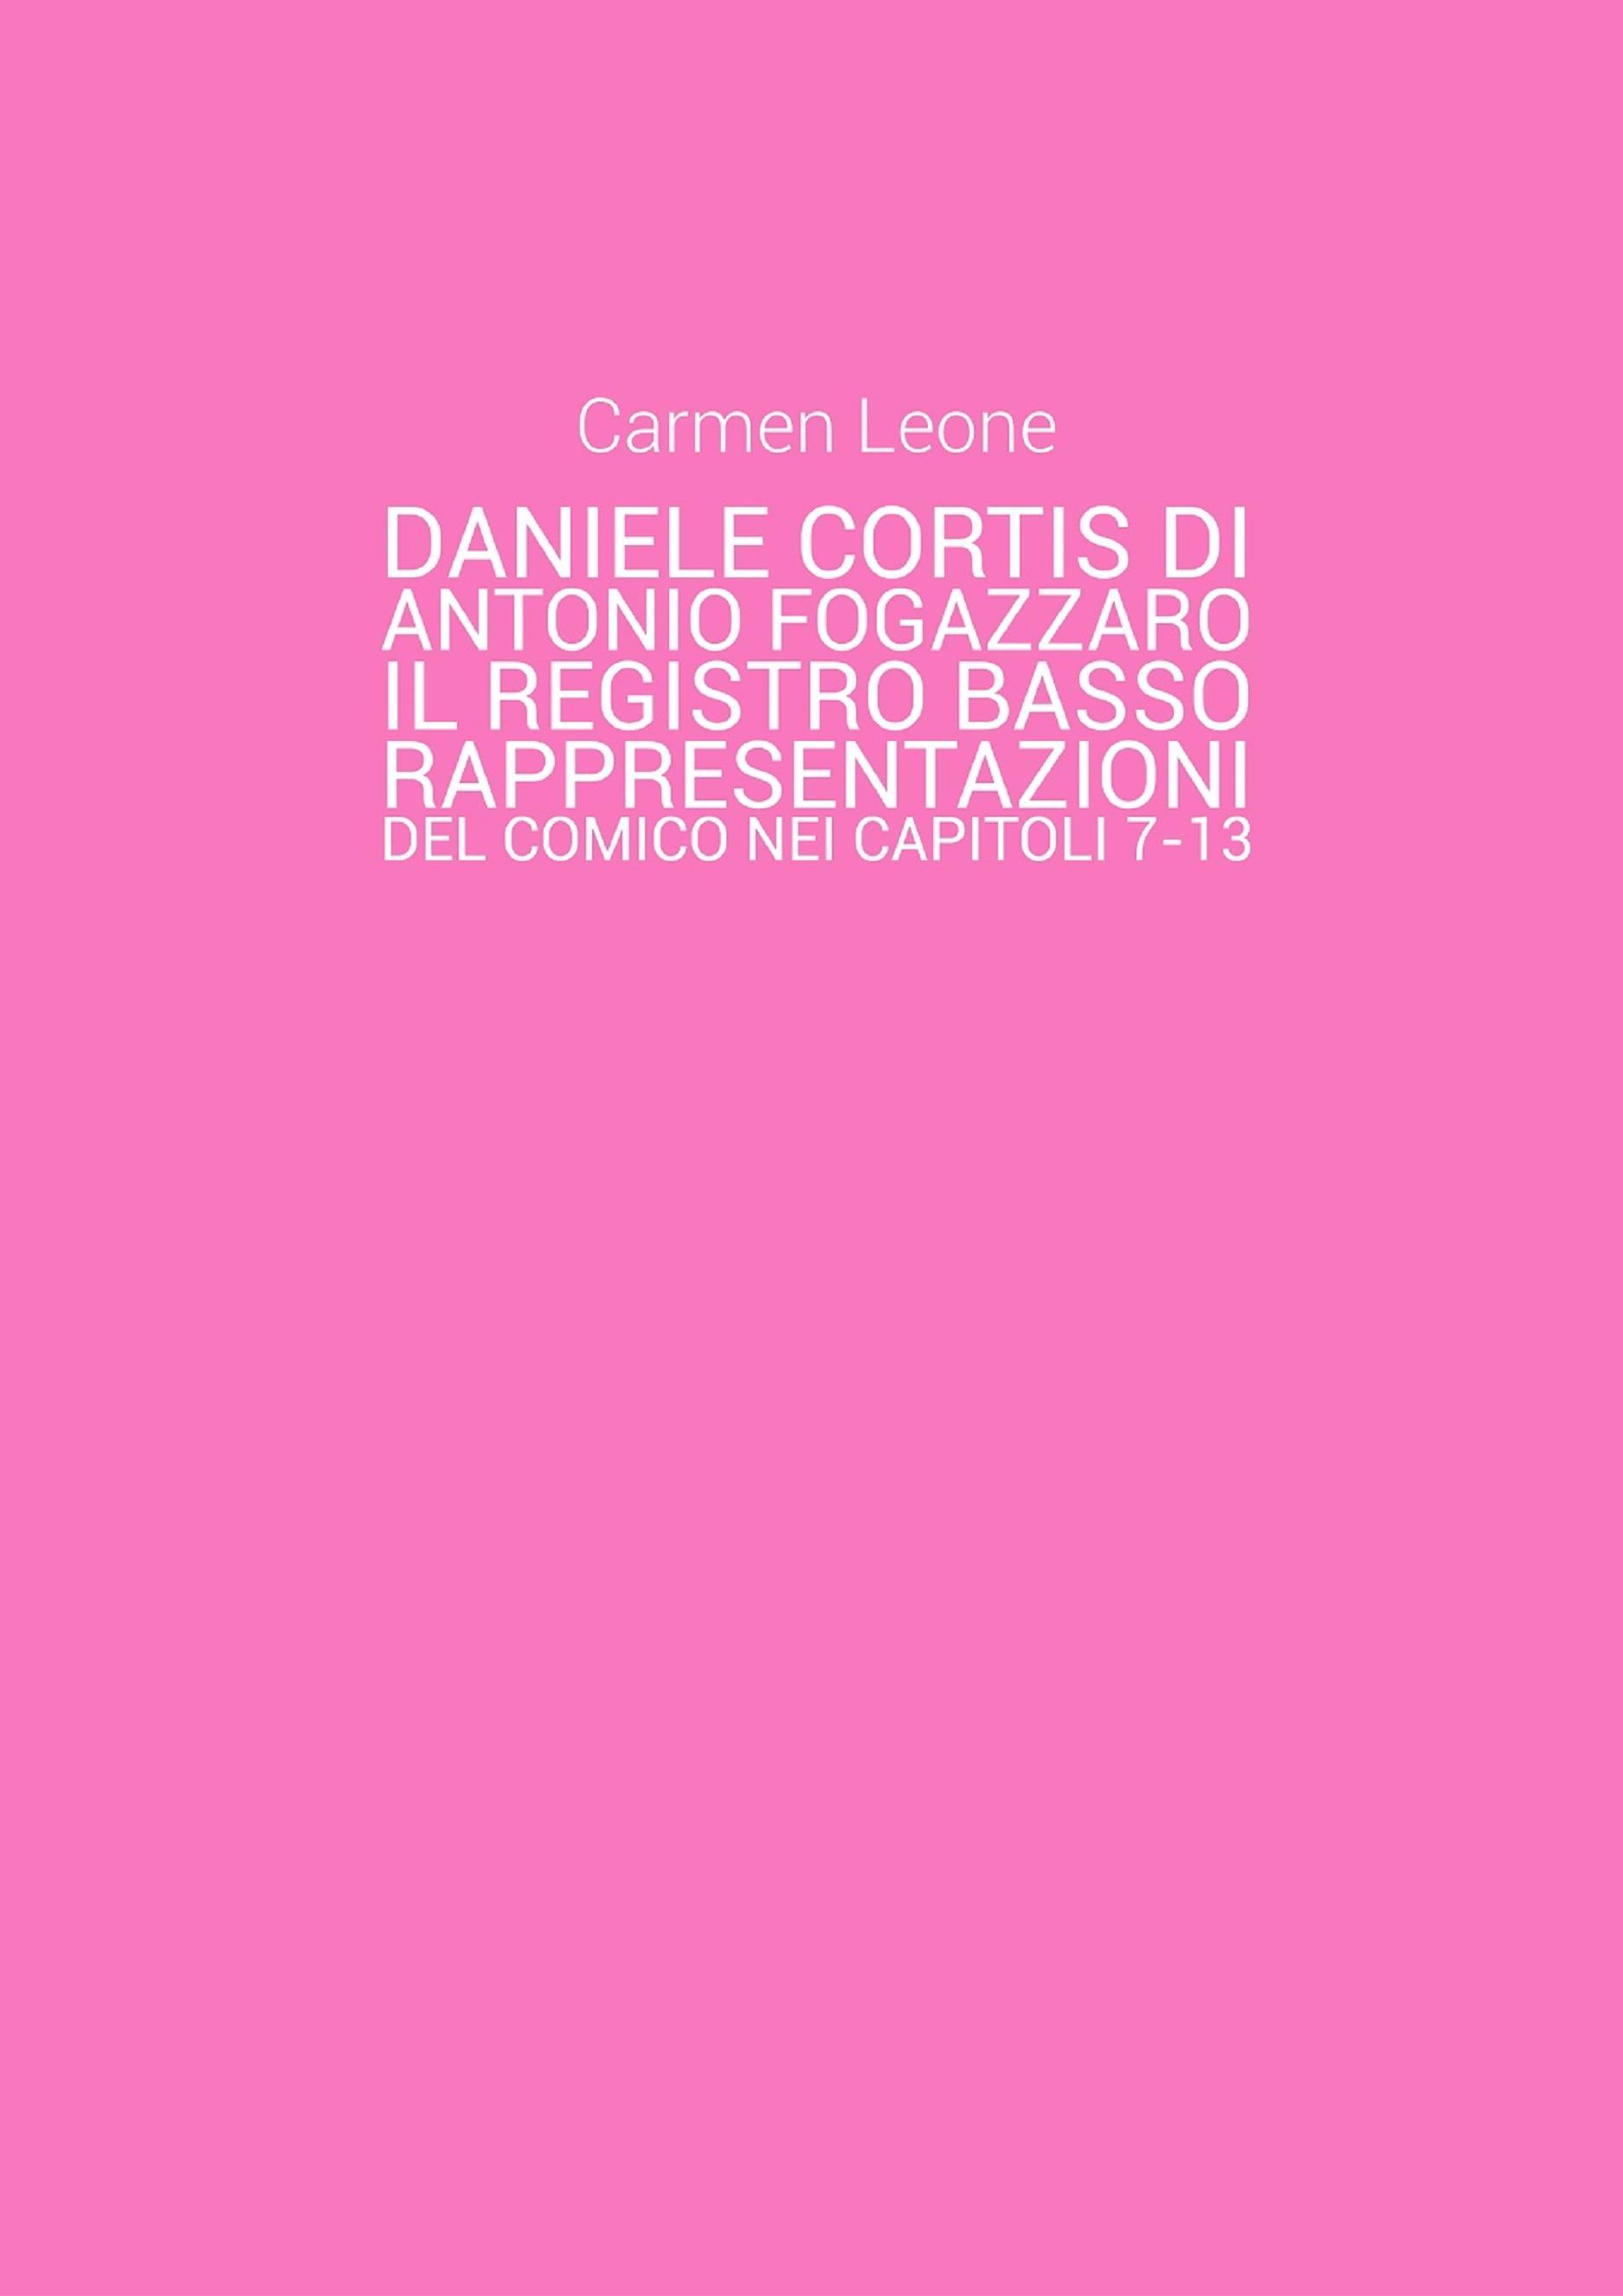 Daniele Cortis di Antonio Fogazzaro. Il registro basso: rappresentazioni del comico nei capitoli 7-13